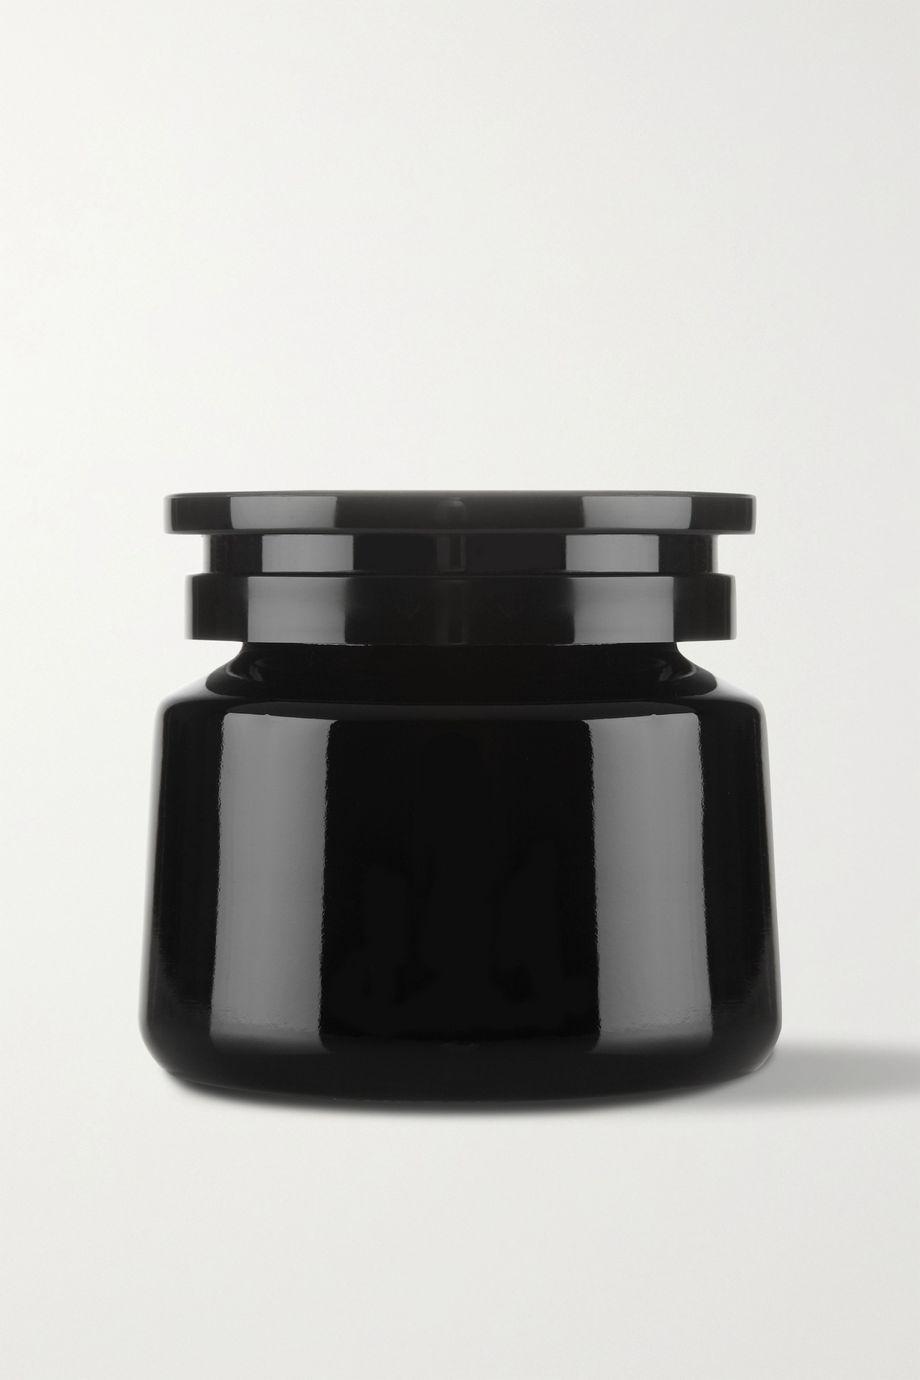 Argentum Apothecary 抗衰老保湿修复霜,70ml